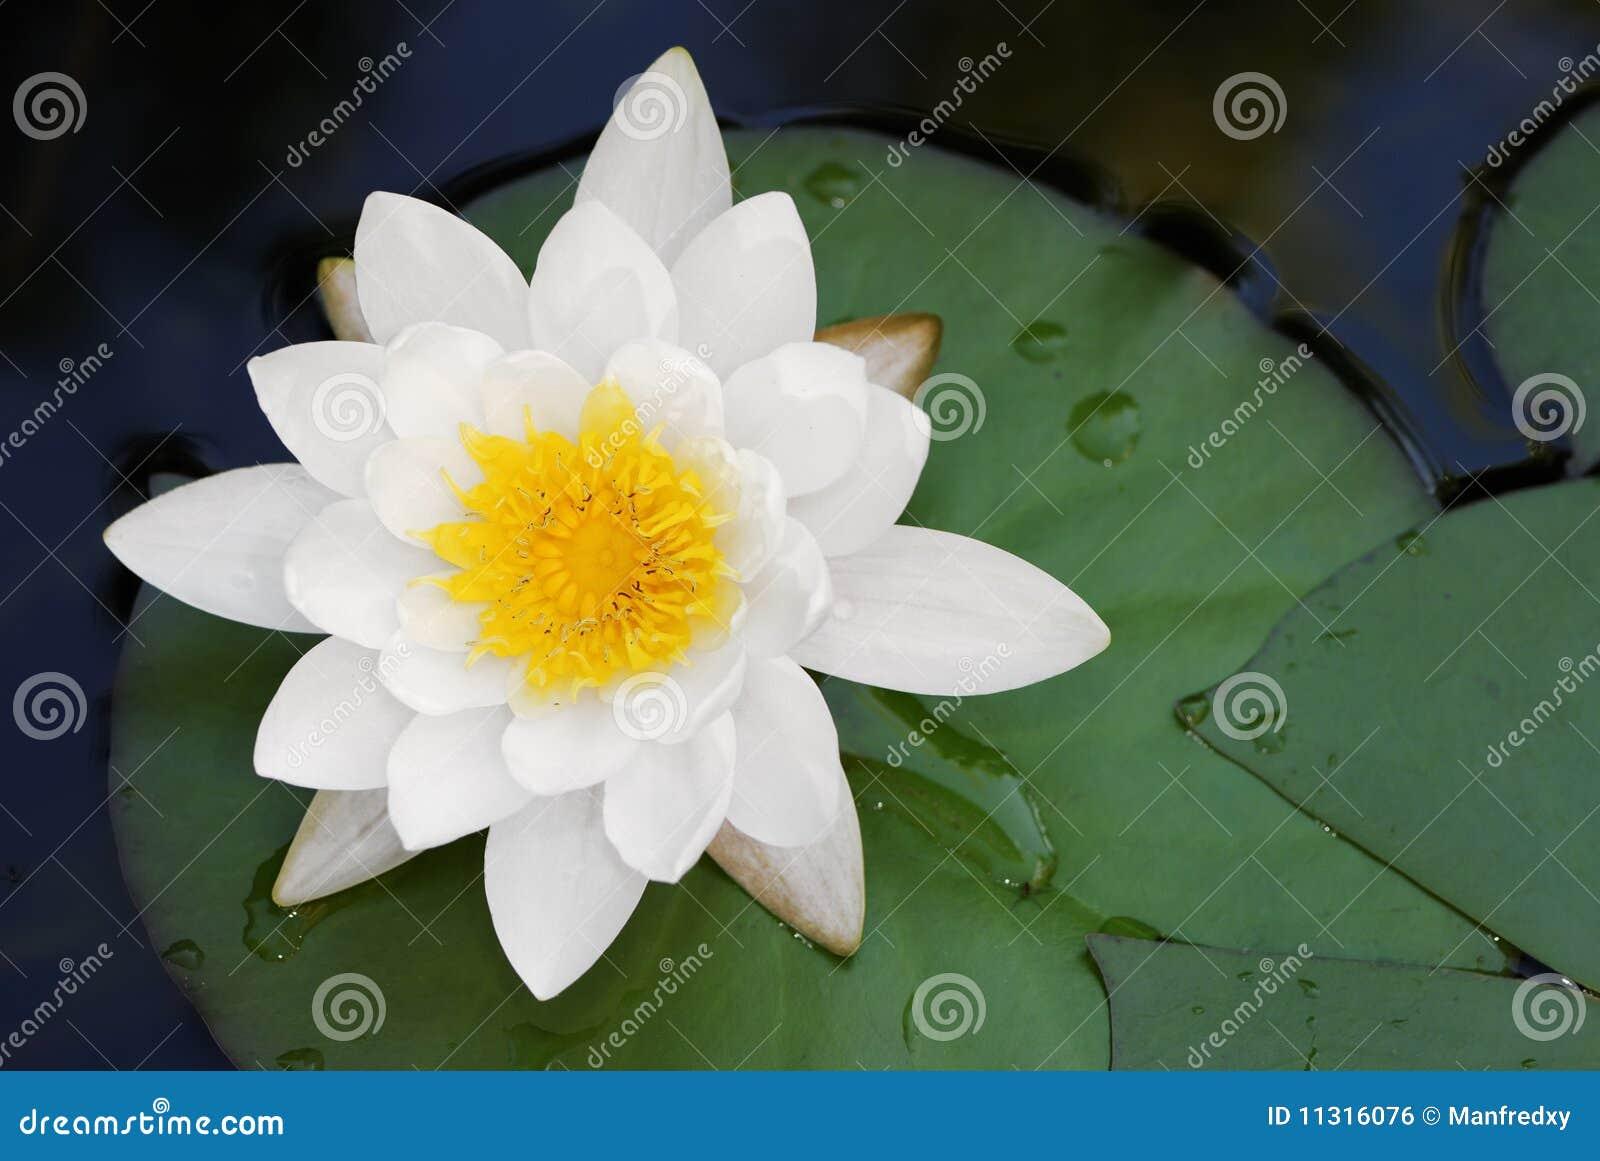 Weißer Lotos